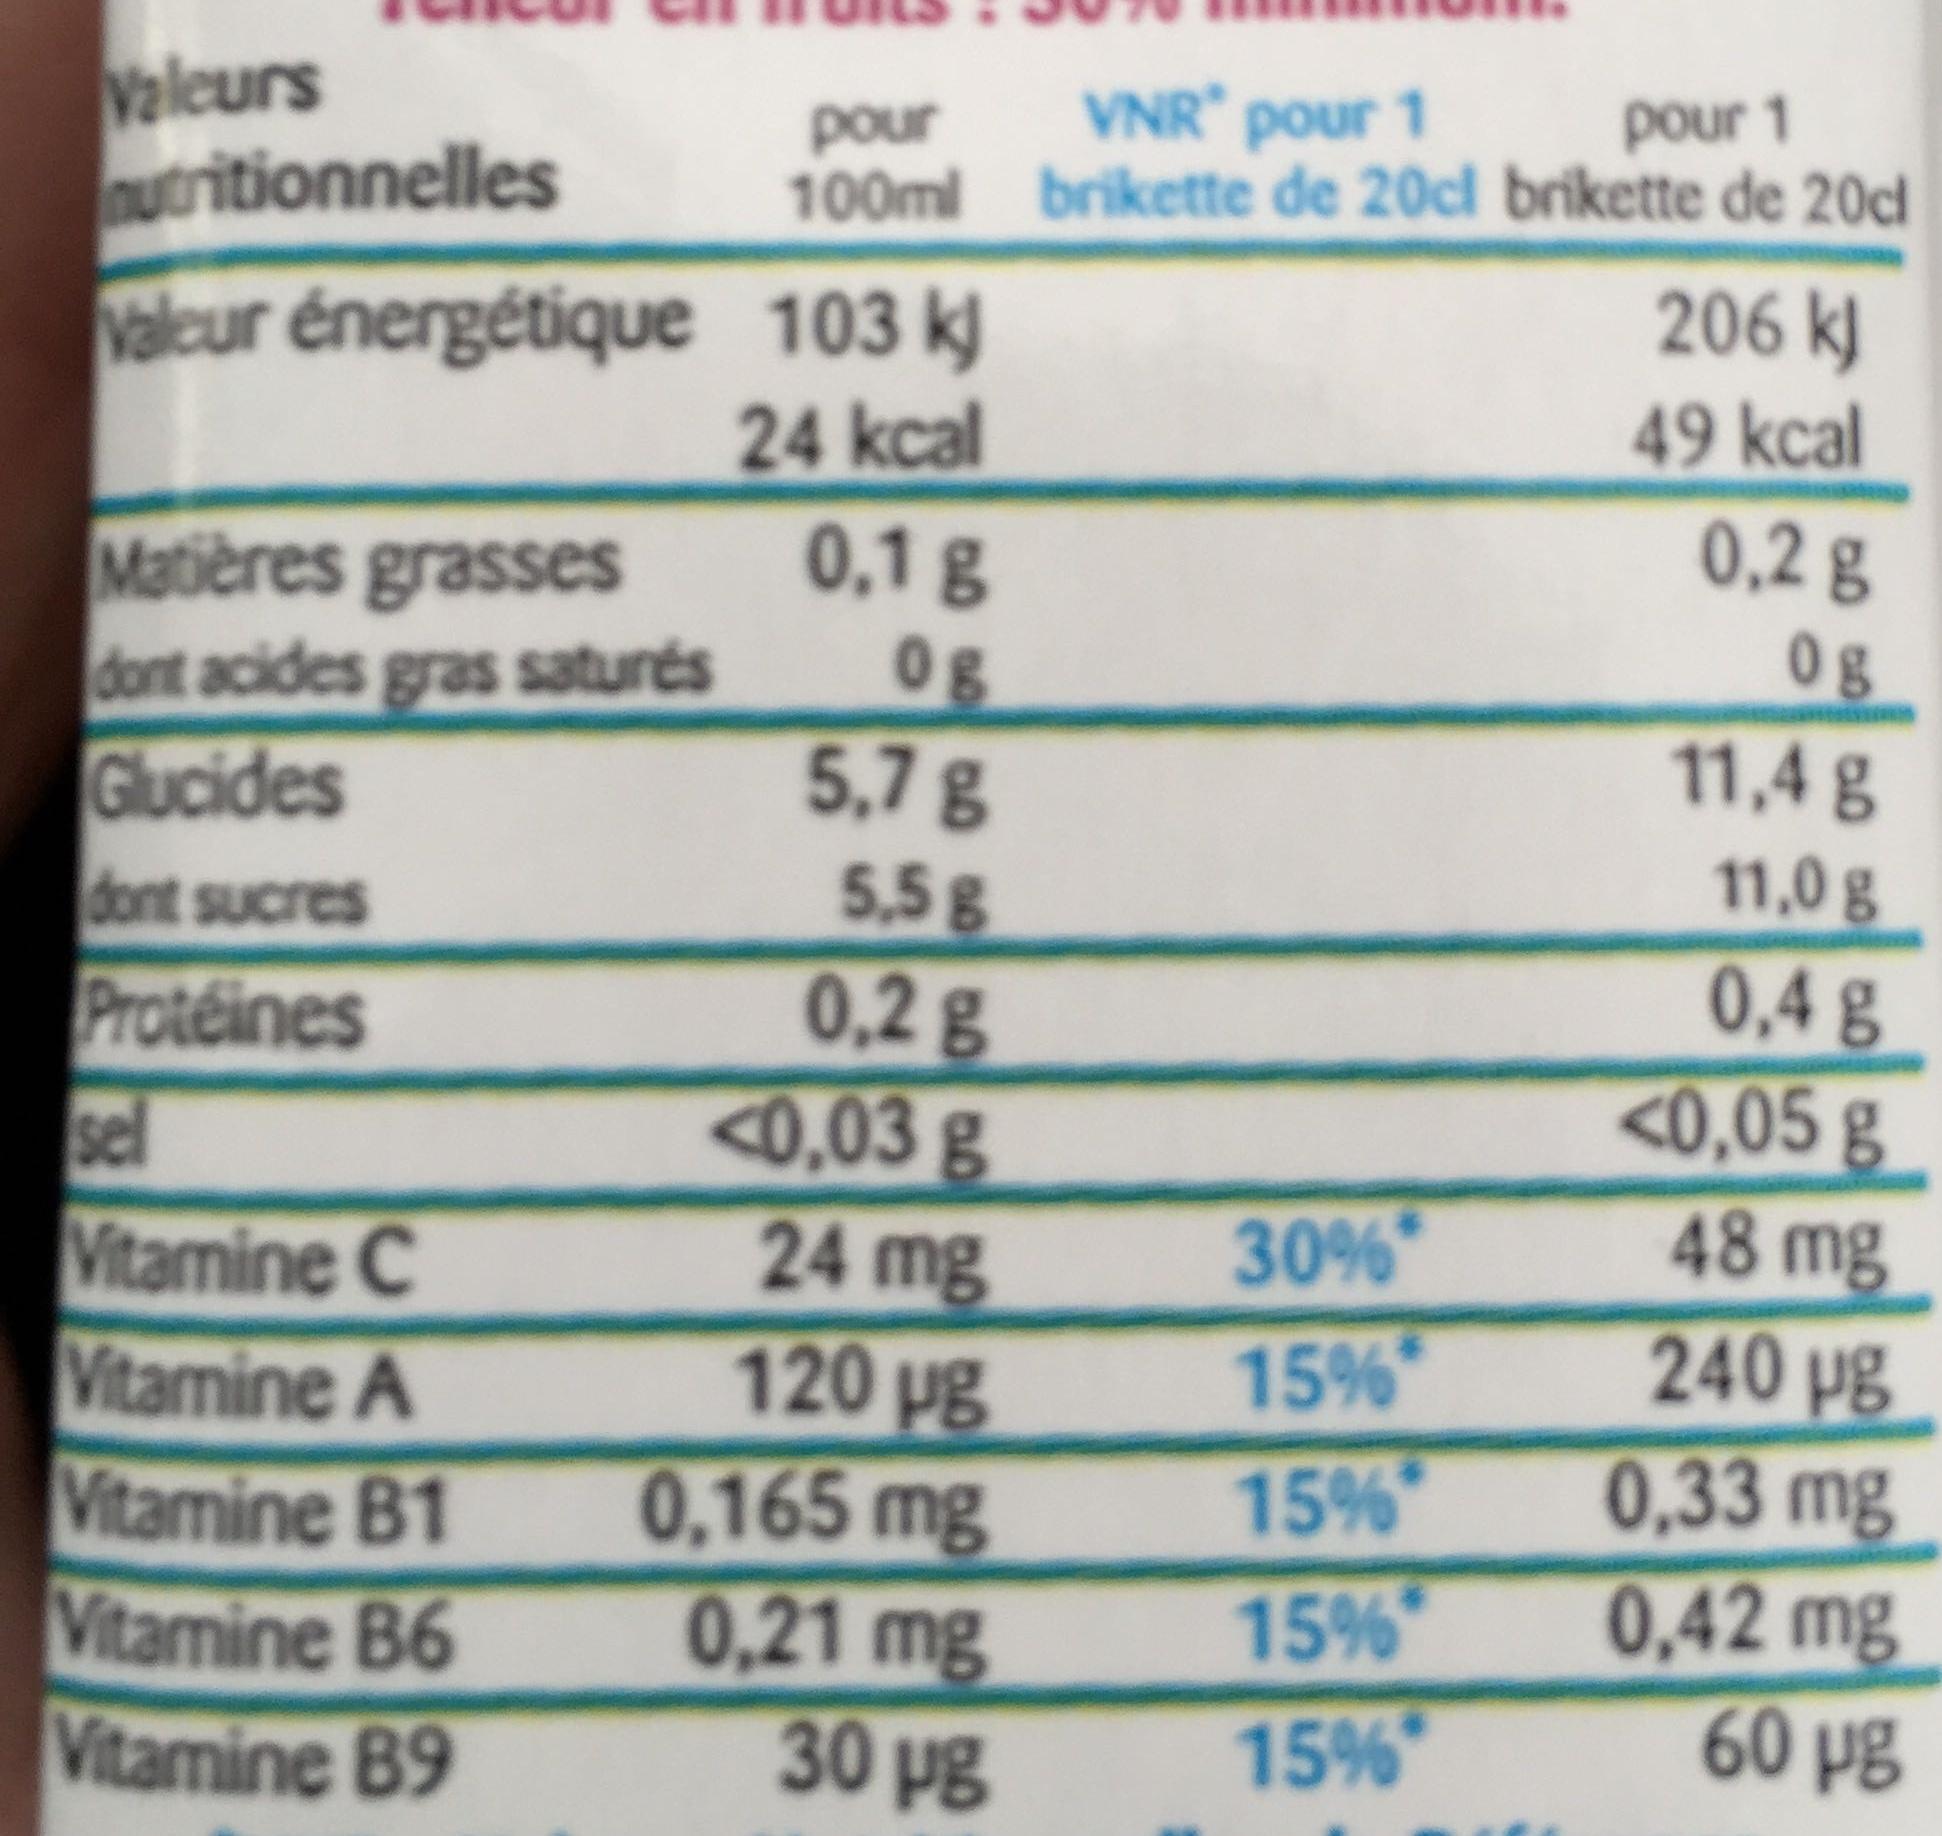 Multi Enrichi en Vitamines B1, B9, B6, C et A - Informations nutritionnelles - fr